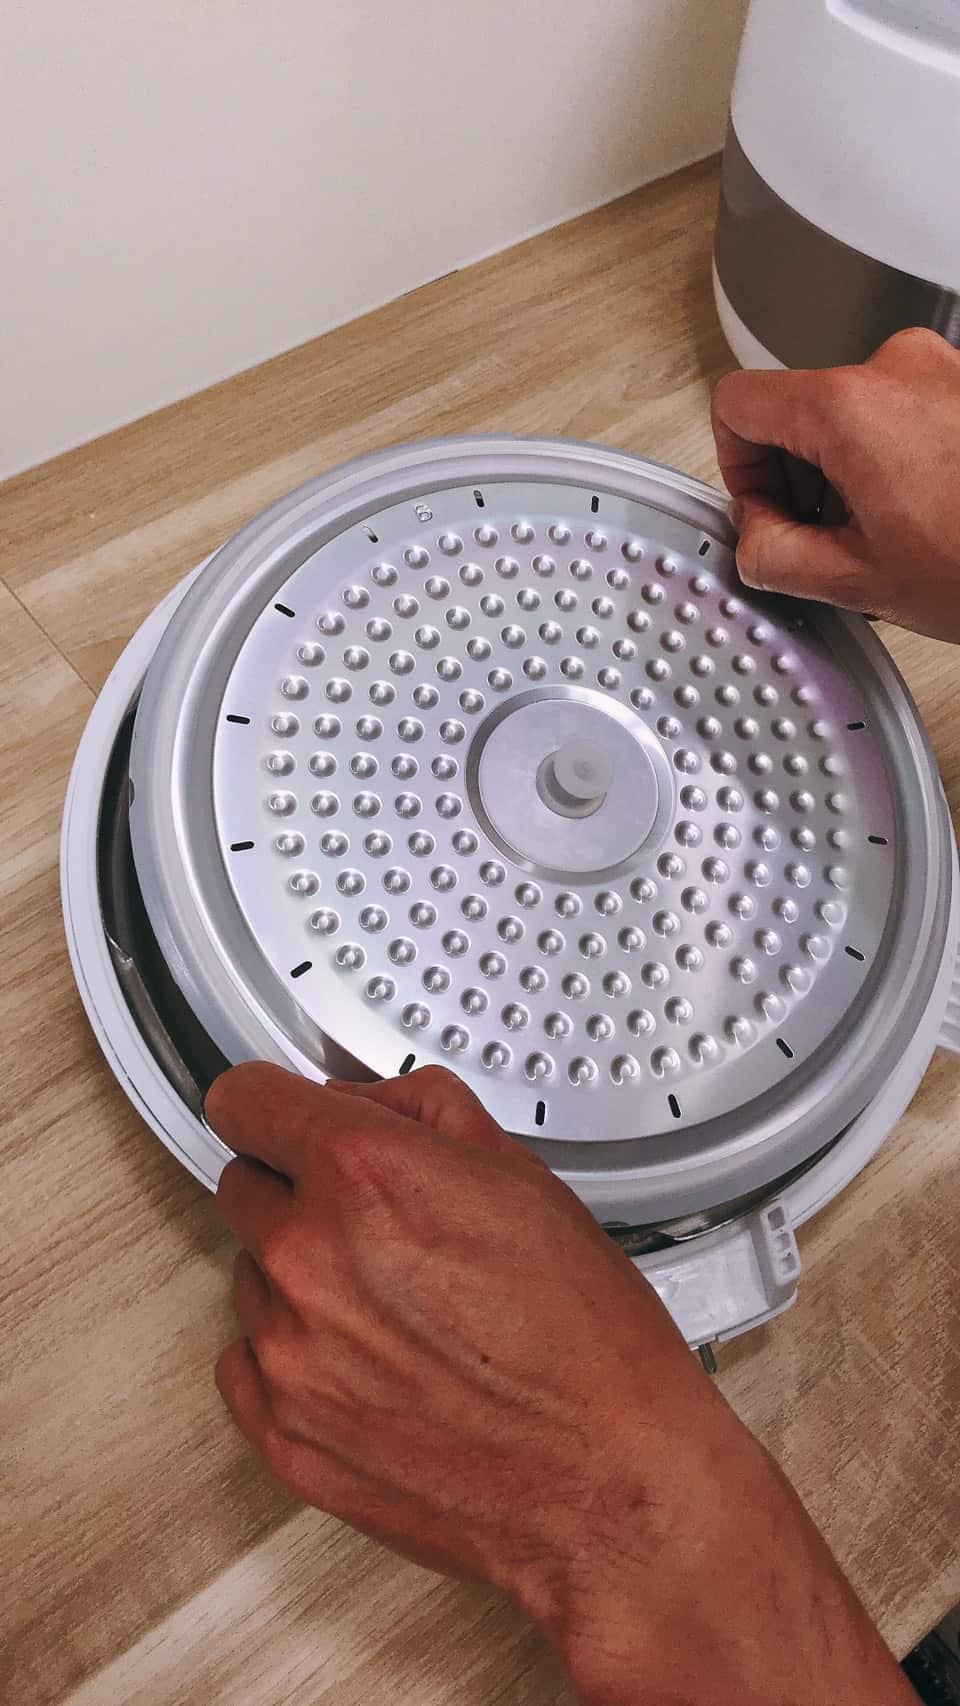 鍋寶萬用壓力鍋上鍋蓋